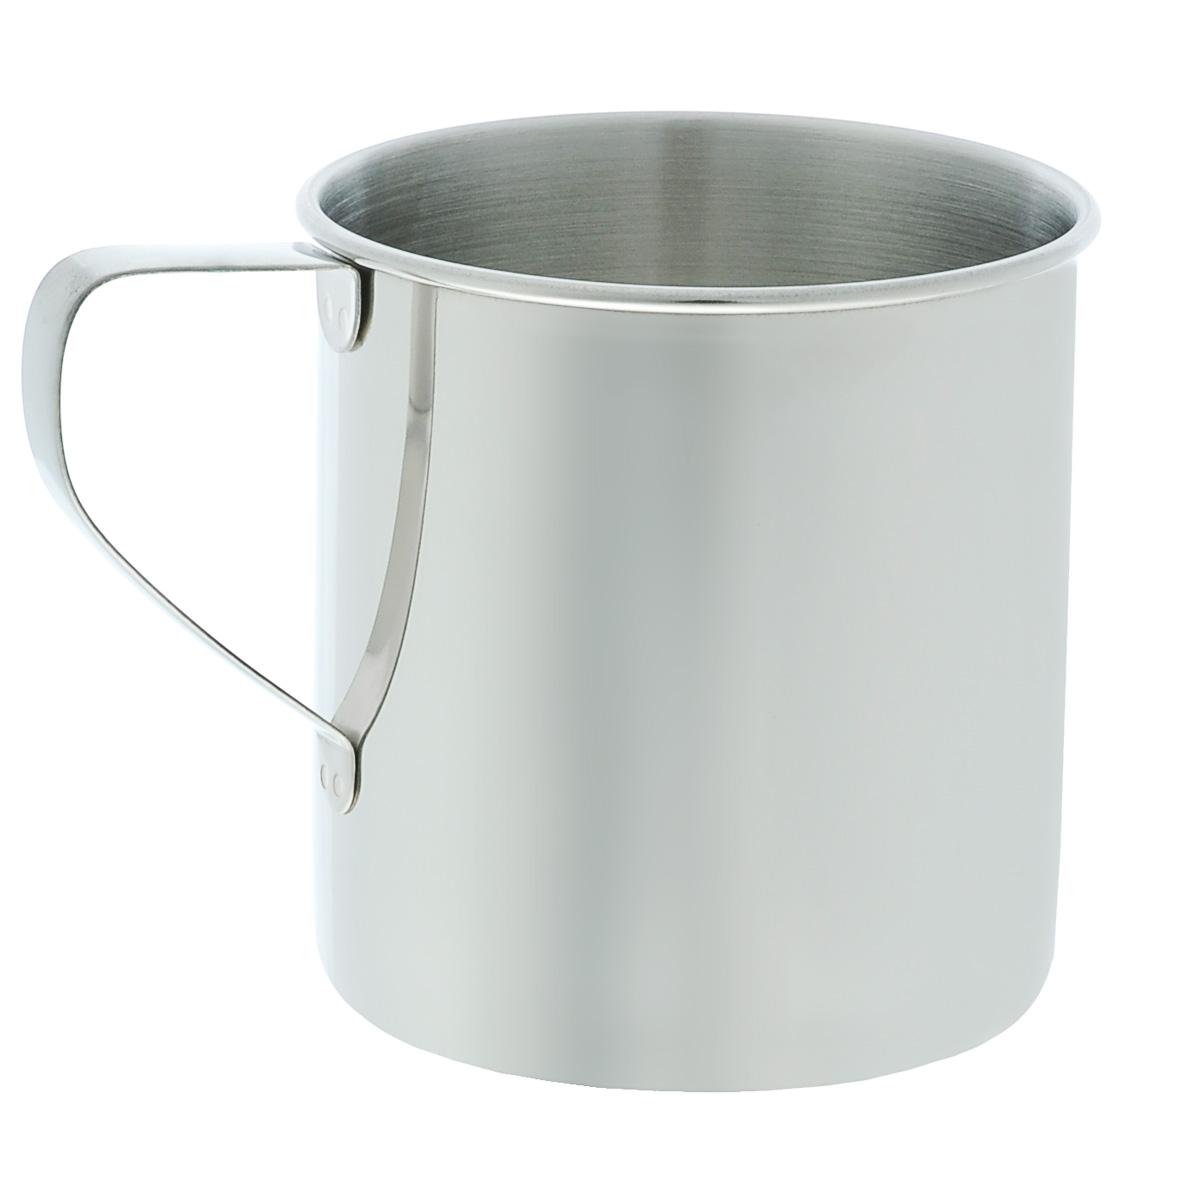 Кружка походная Tatonka Mug, 0,5 лWS 7064Кружка Tatonka Mug - классическая однослойная походная кружка, выполненная из высококачественной нержавеющей стали, которая отлично распределяет тепло во время готовки. Кружка легко чистится, не имеет привкуса, устойчива к коррозии, долговечна. Внутри расположена мерная шкала.Высота кружки: 9,5 см.Диаметр: 9 см.